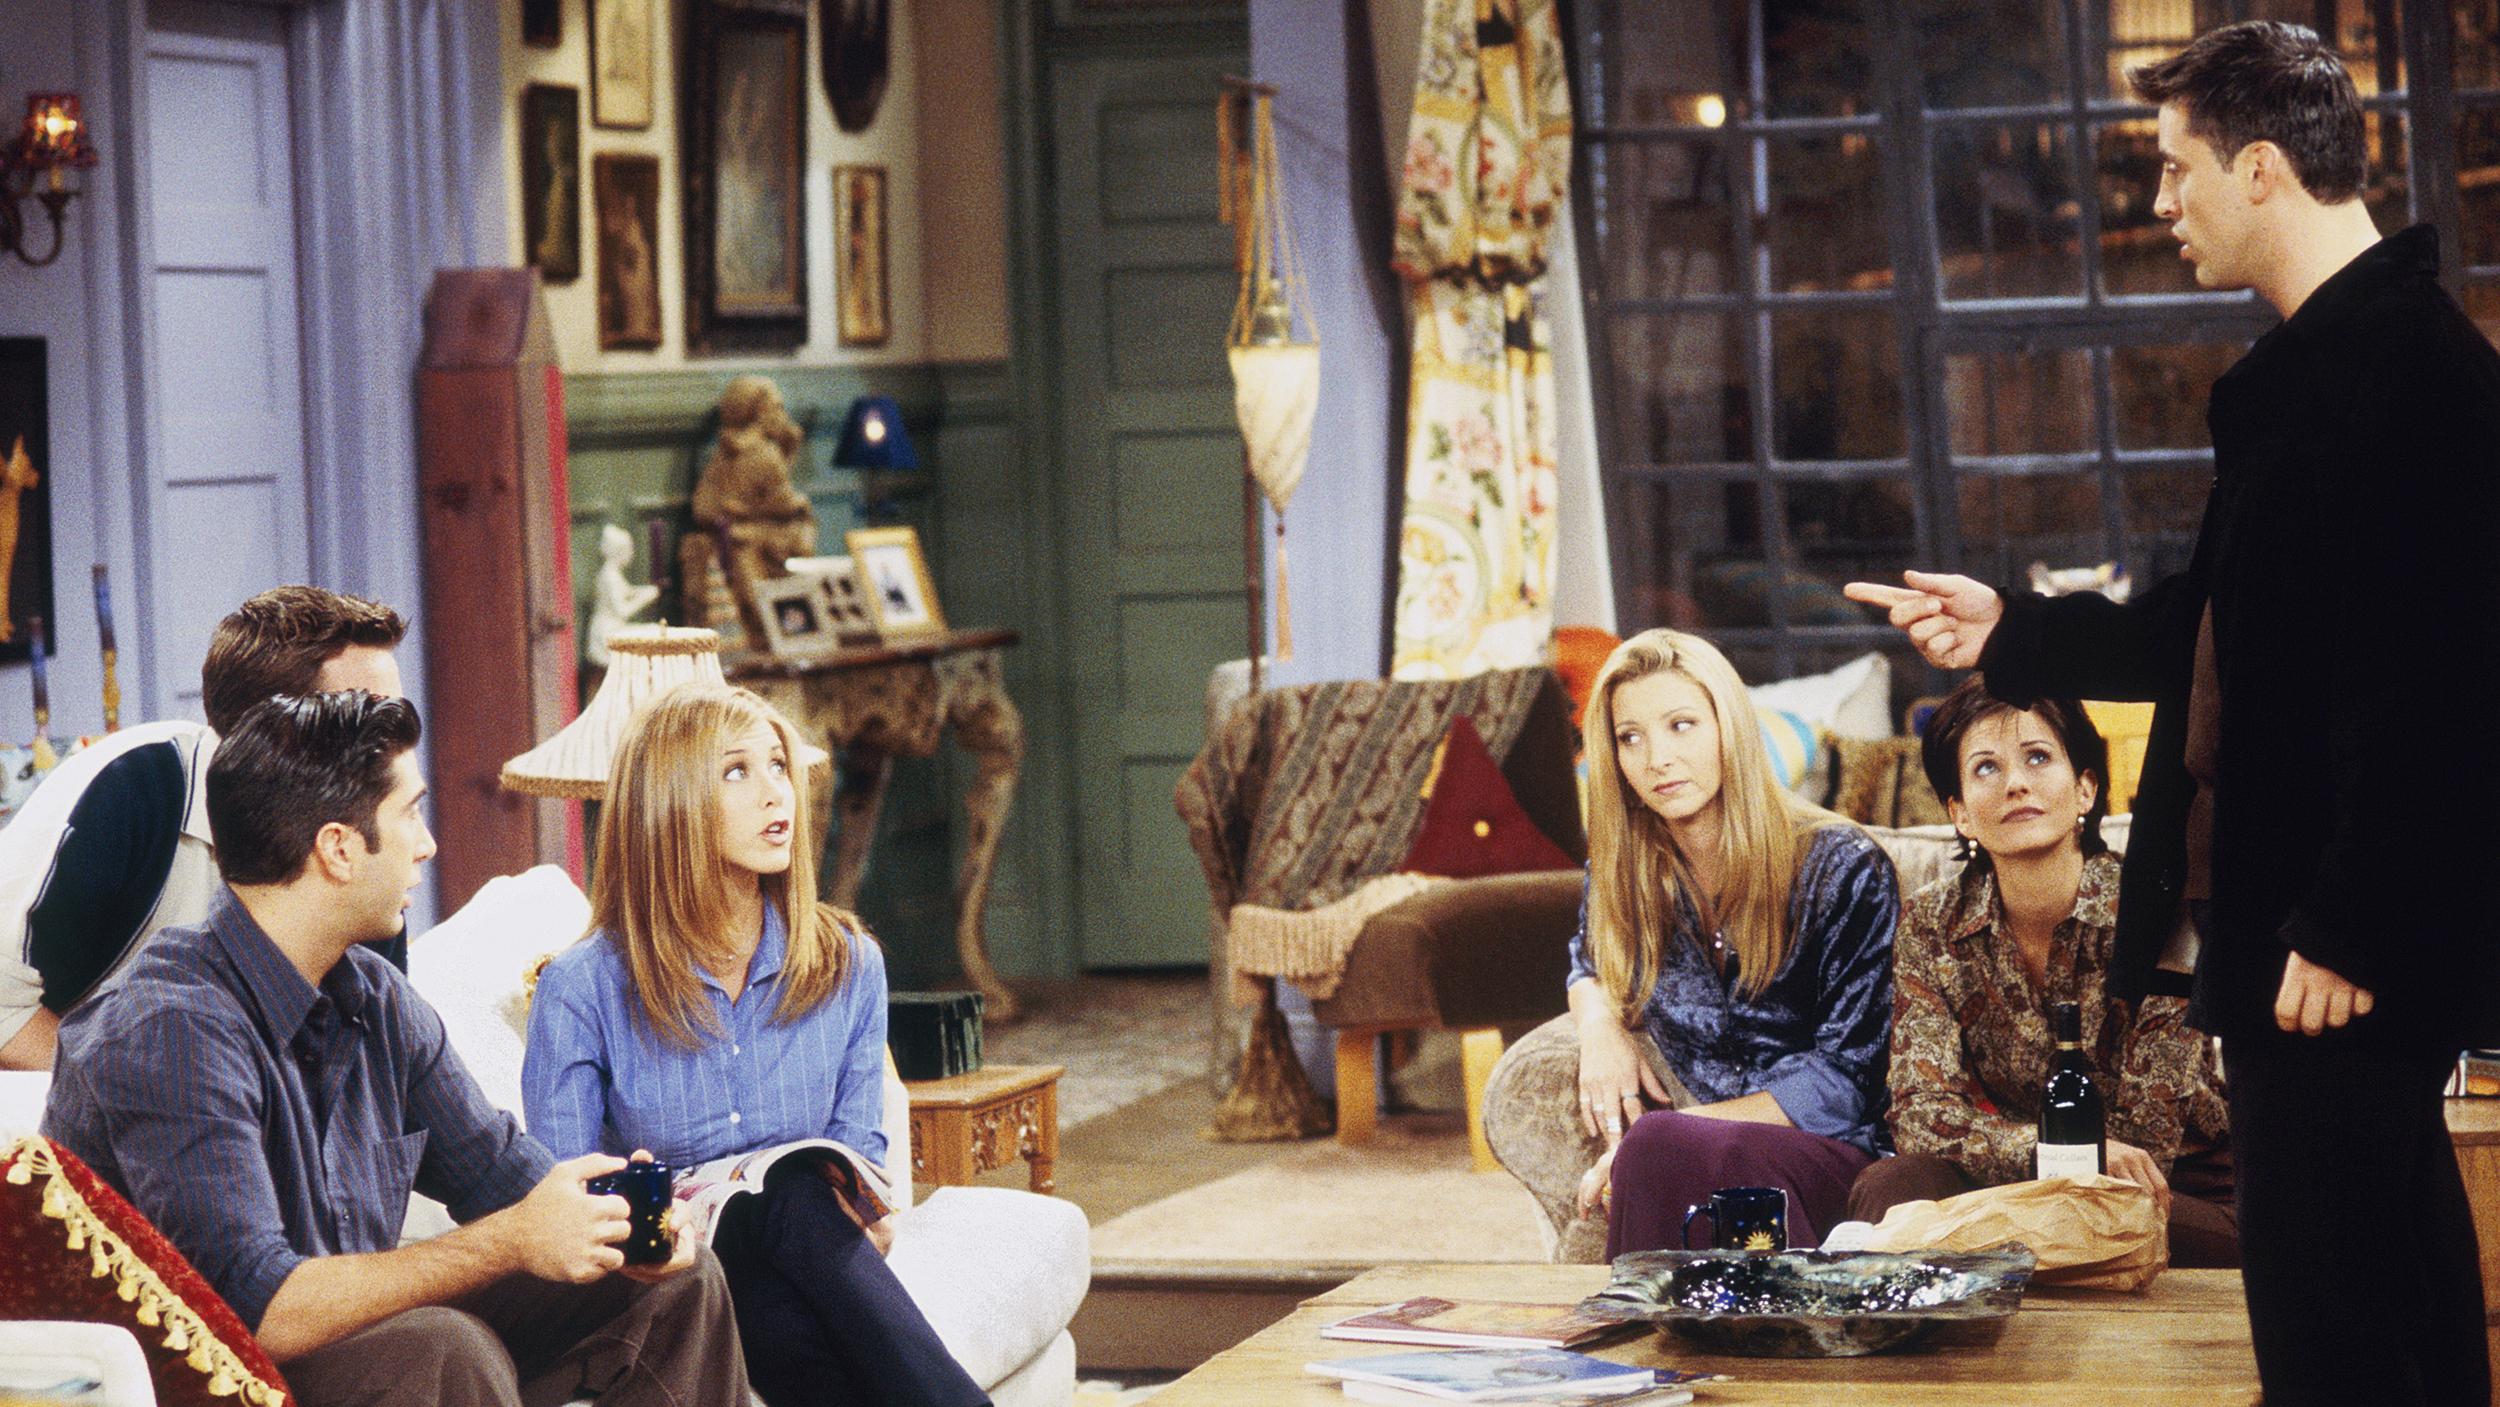 ۱۰ حقیقتی که احتمالا در مورد سریال Friends نمیدانستید